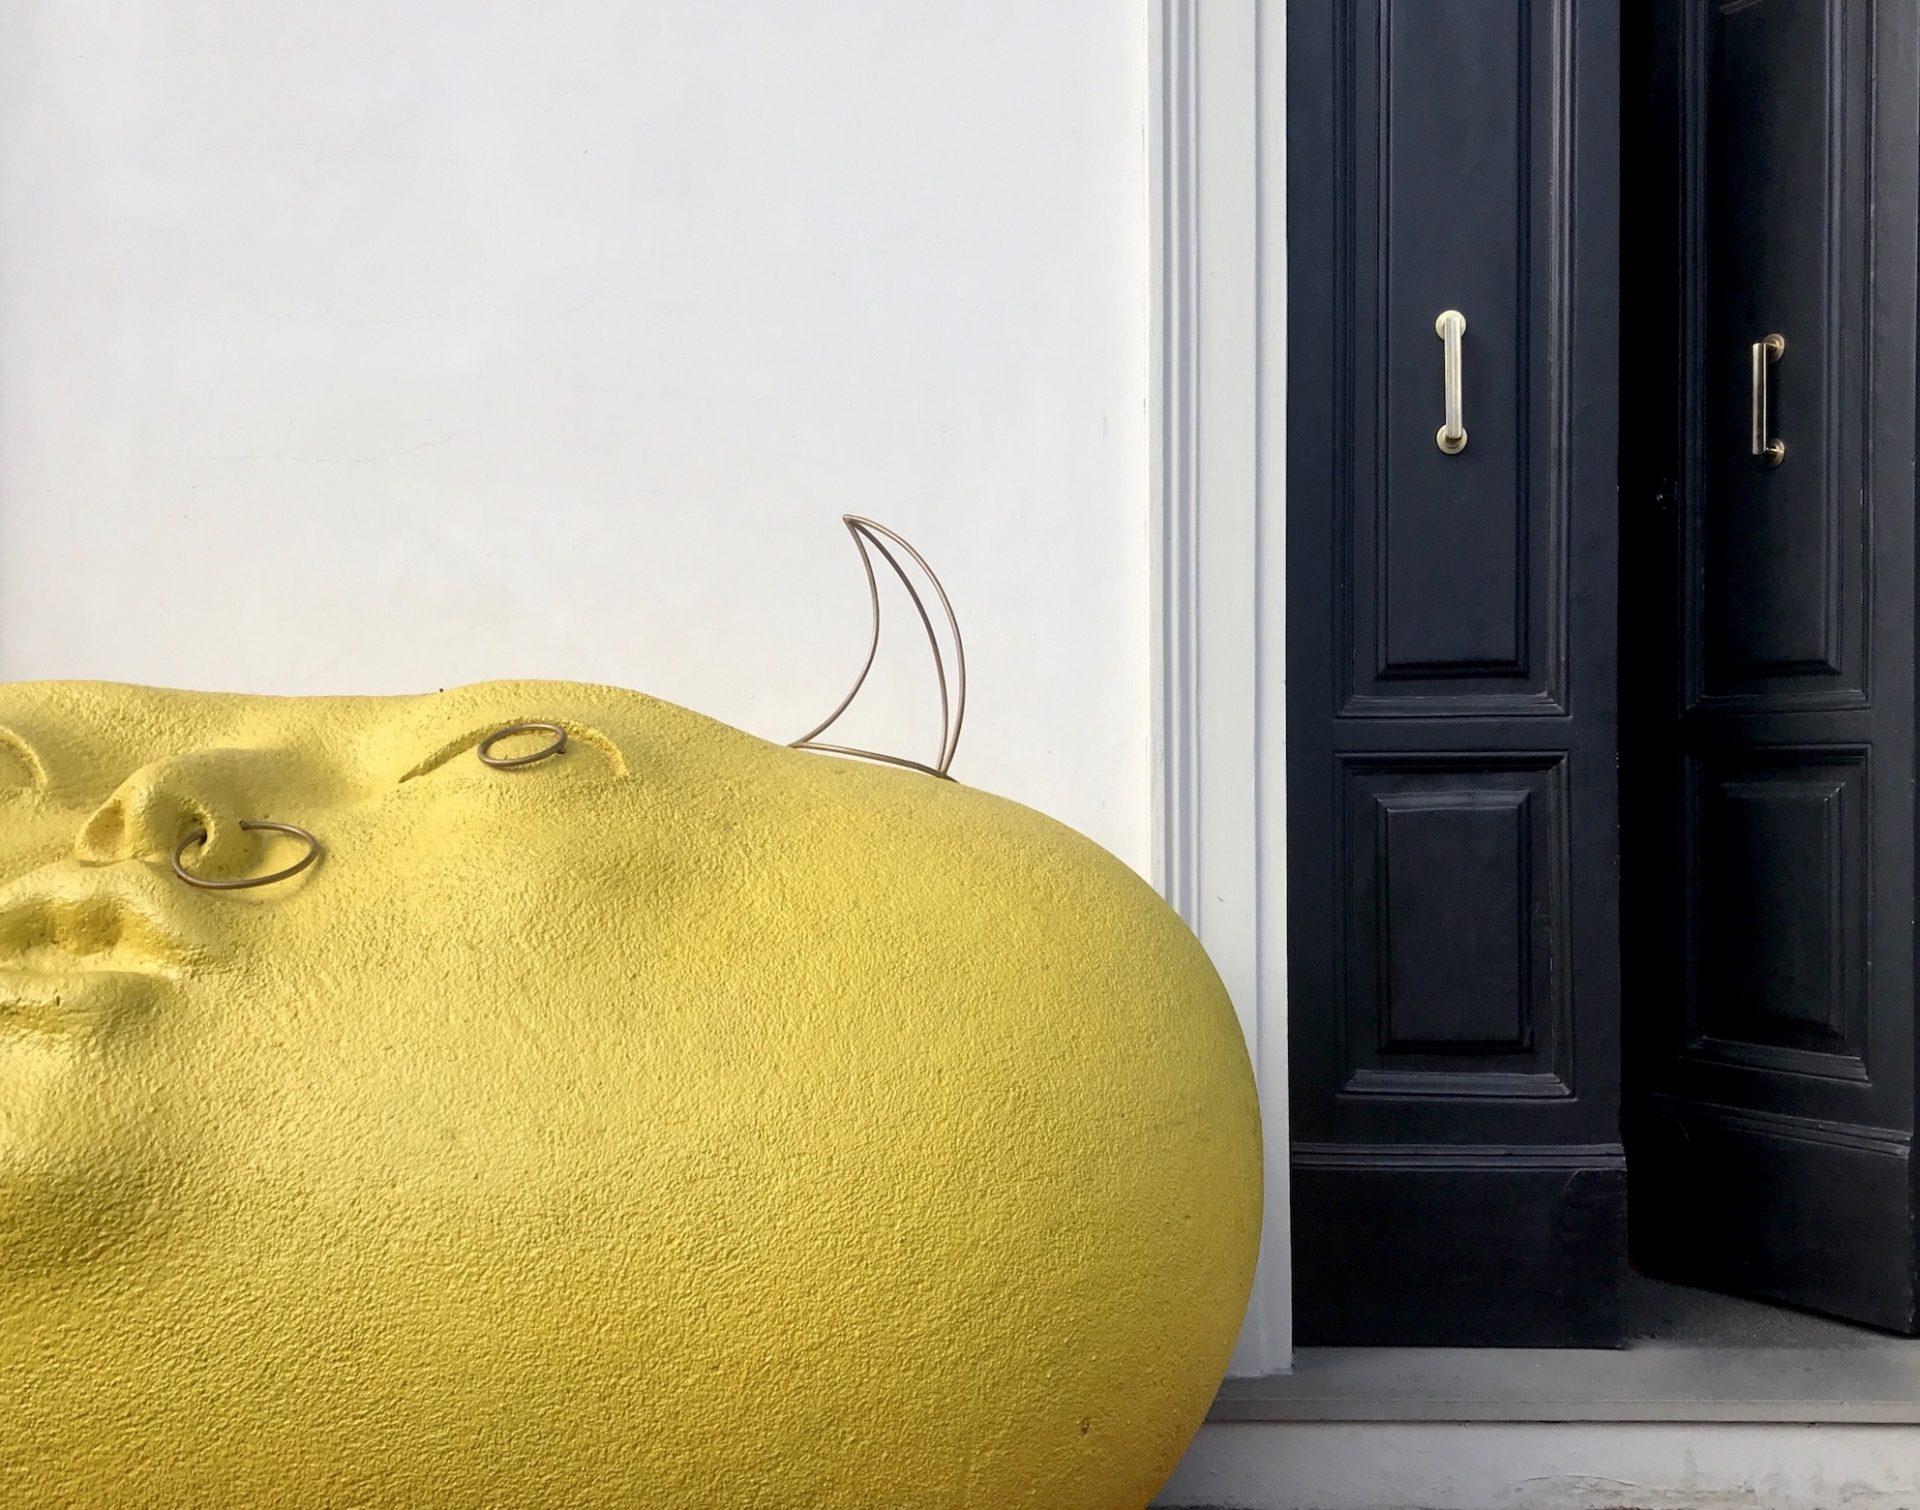 immagine dell'ingresso con grande scultura gialla